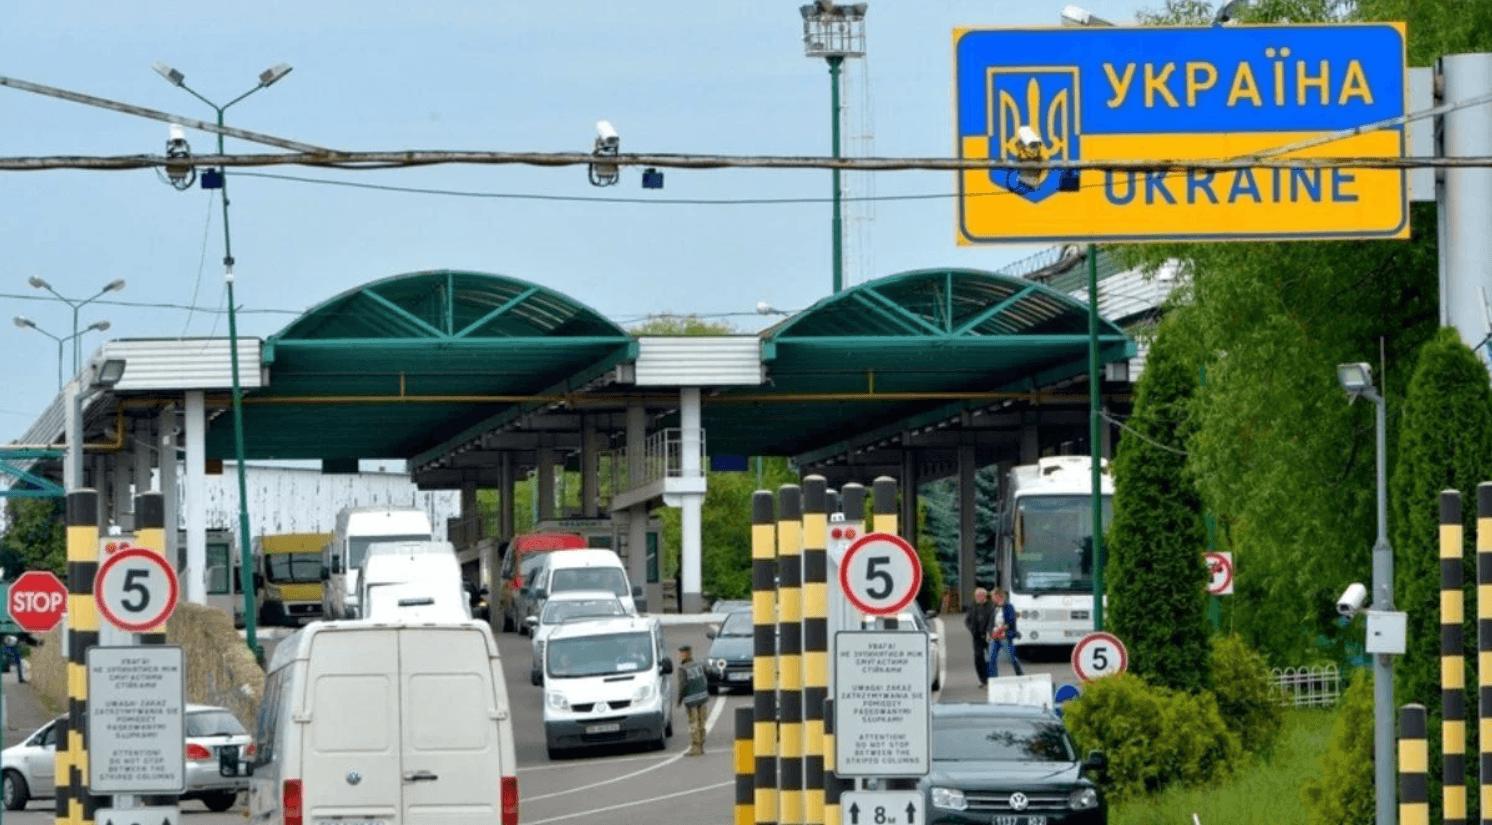 16 березня обмежуються пропускні операції на держкордоні України - Україна, світ, коронавірус - Derzhkordon osn